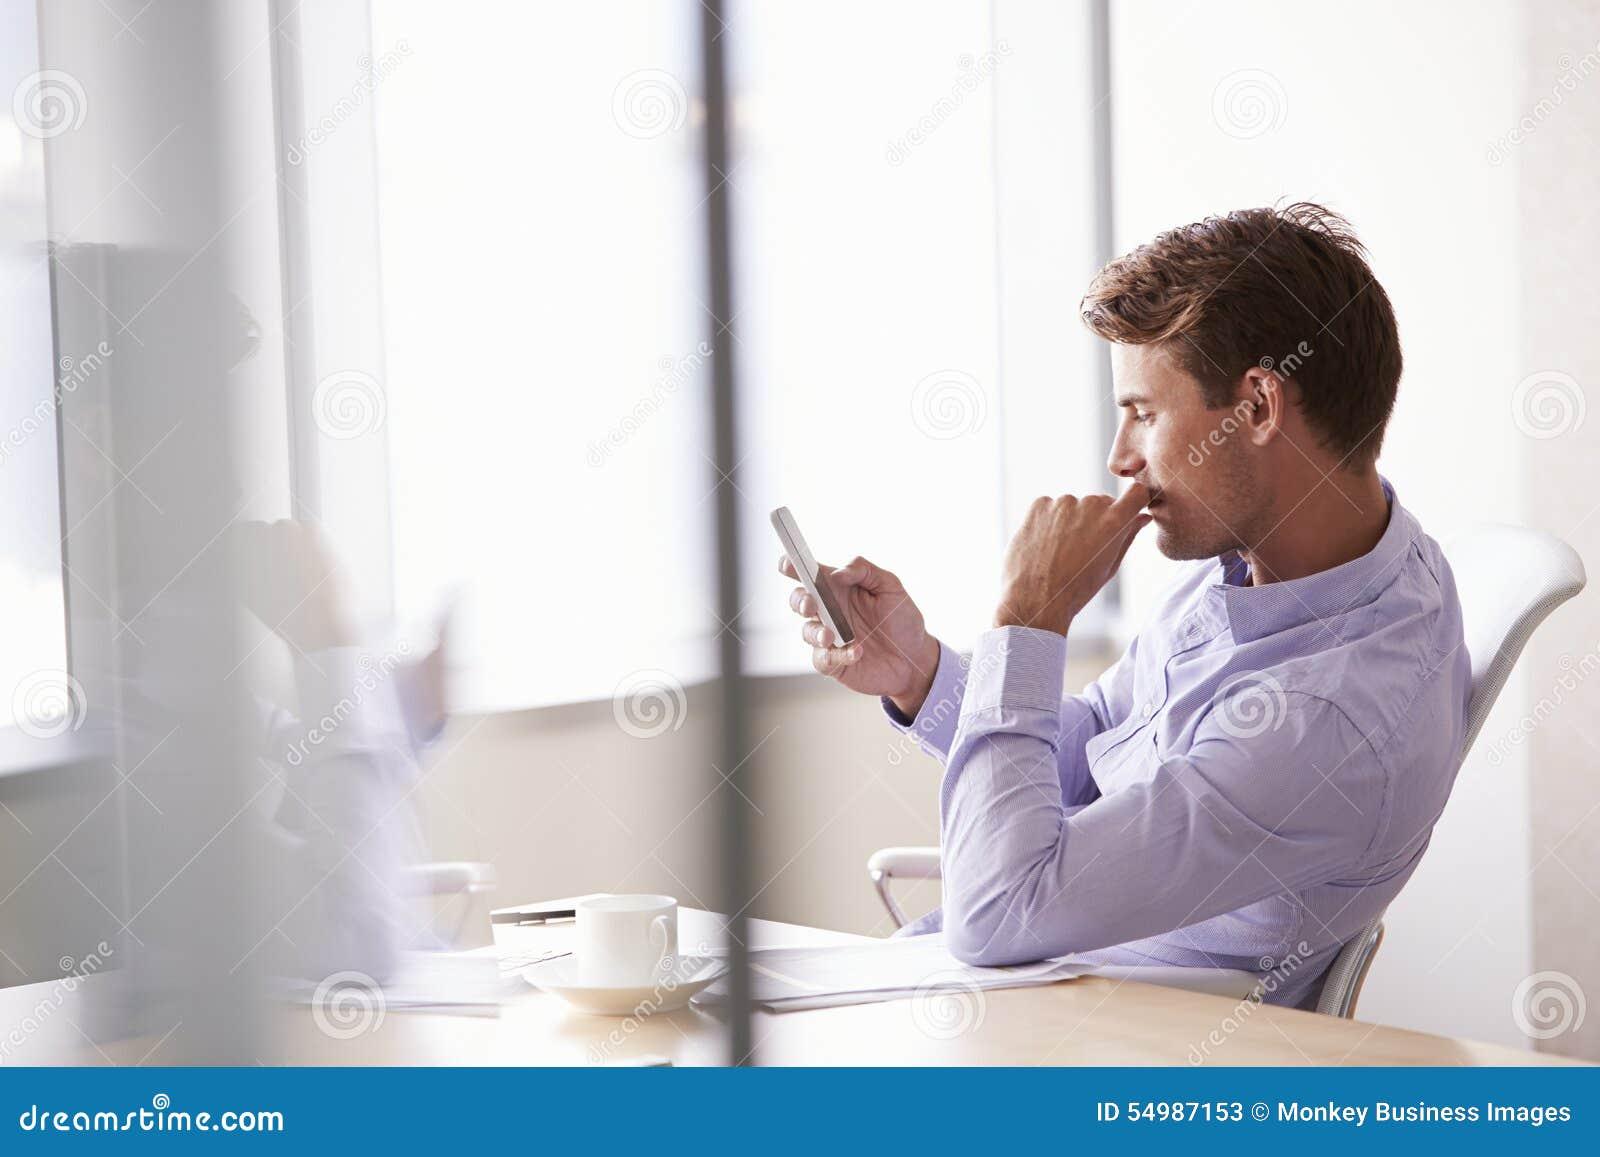 Tillfälligt klädd affärsman Using Mobile Phone i regeringsställning